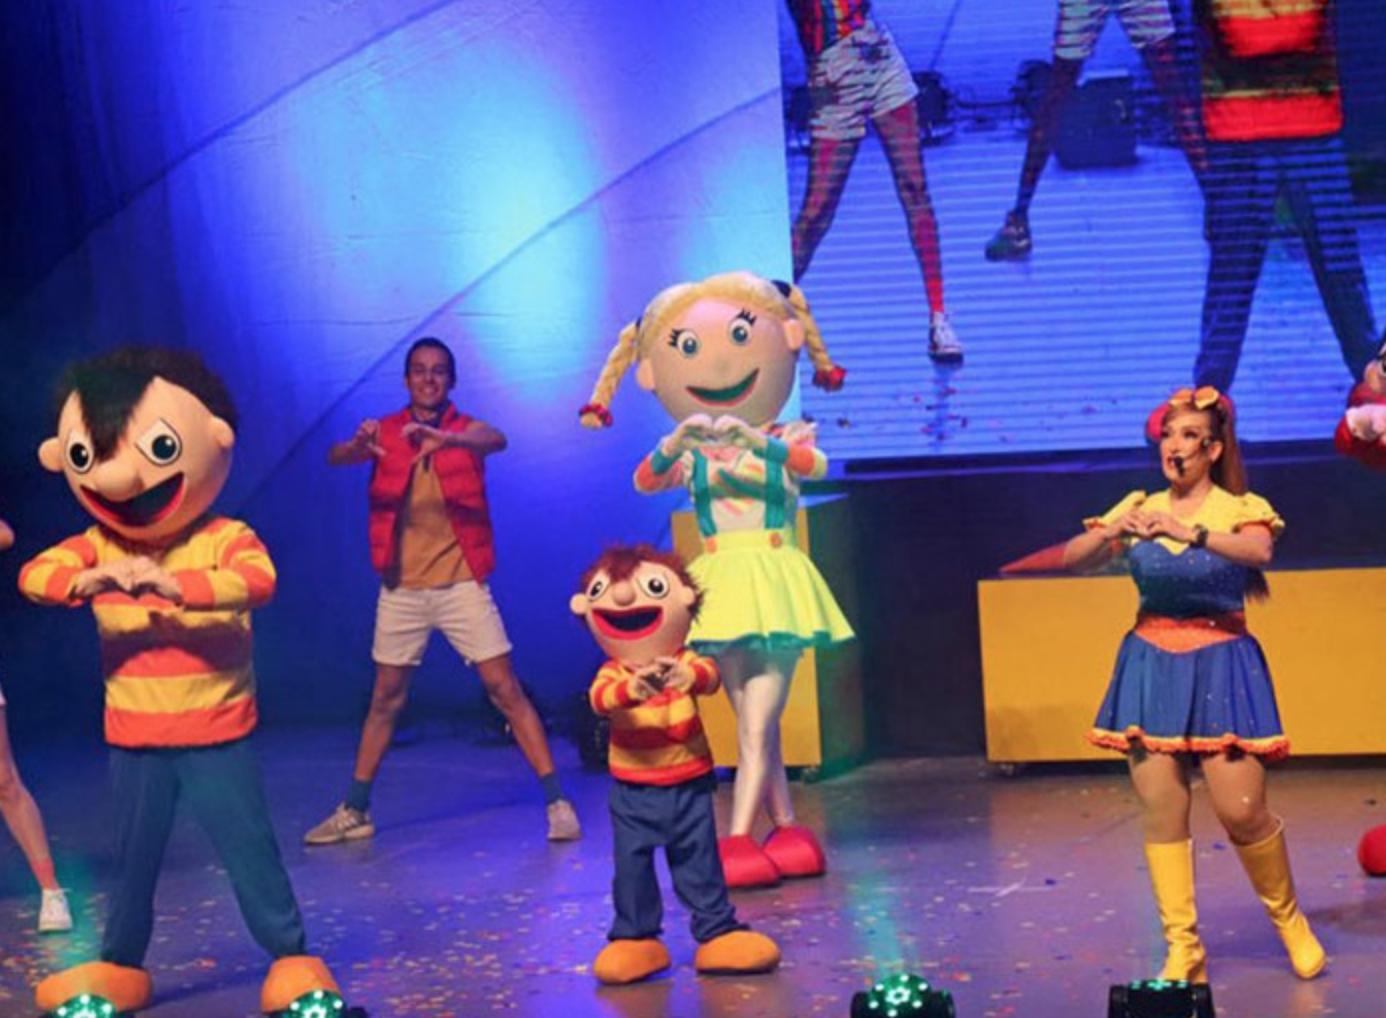 El Show en Vivo de Bely y Beto at The Plaza Theatre Performing Arts Center